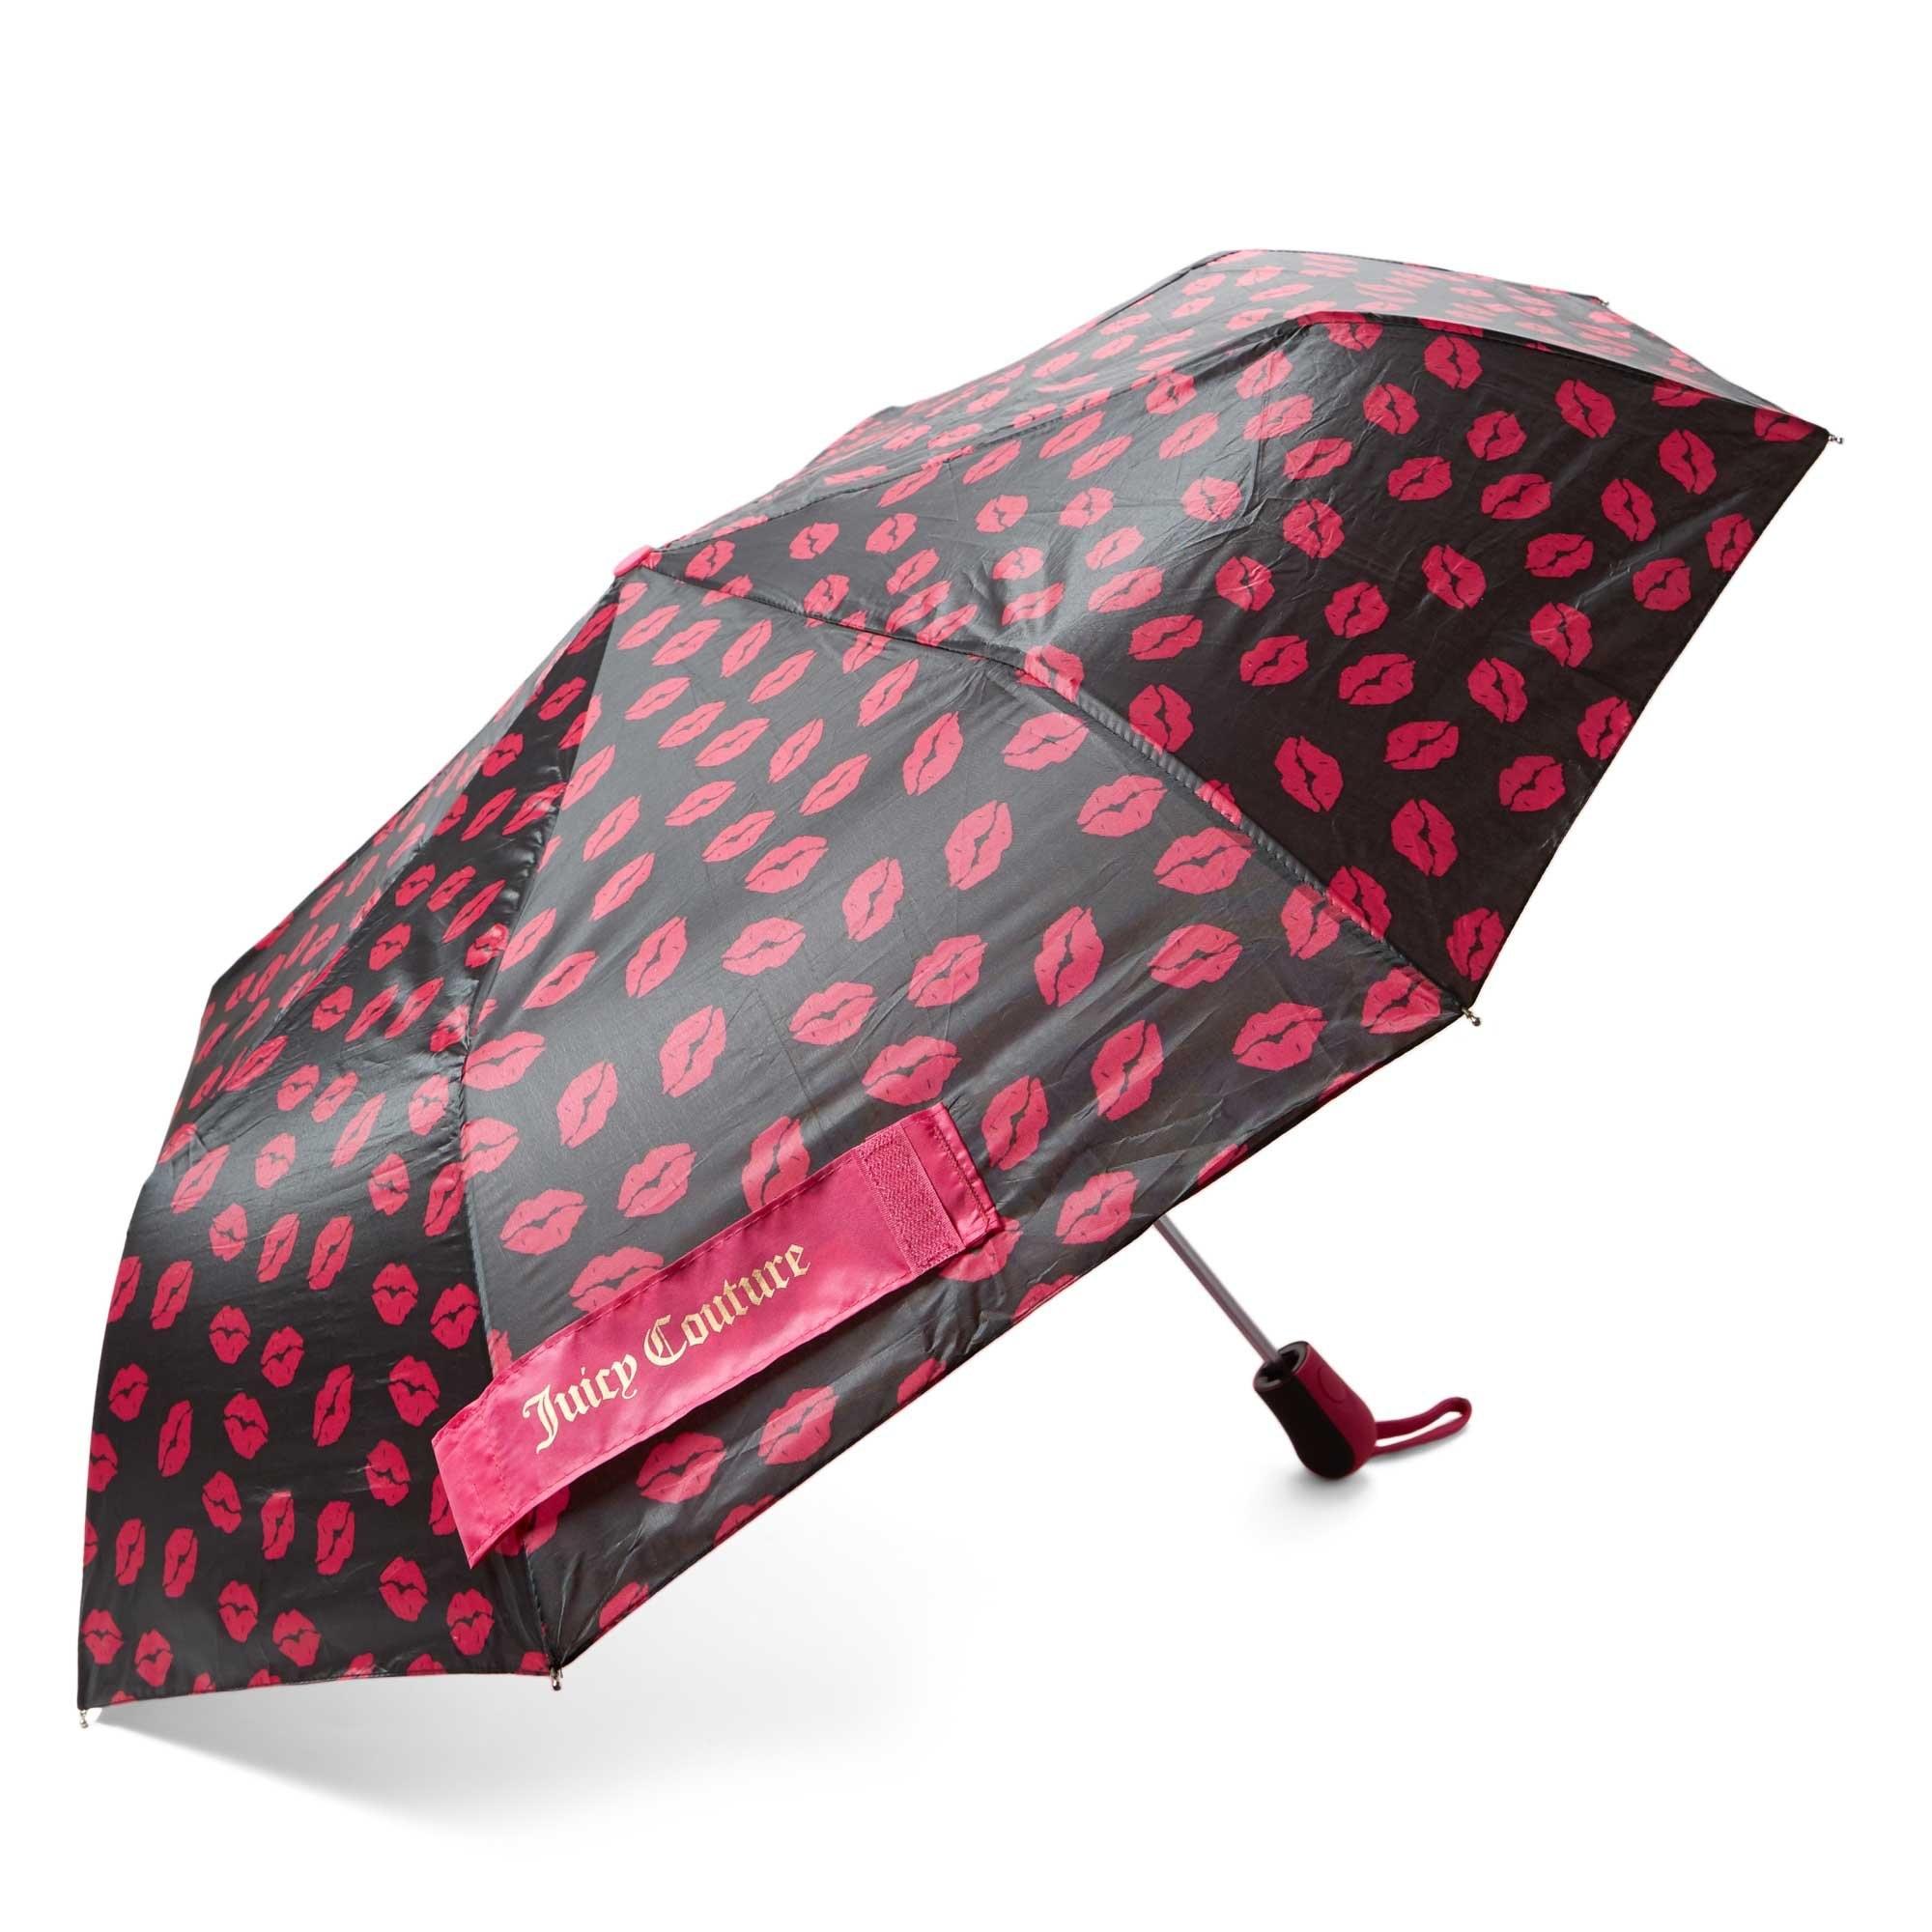 Sears: Variedad de hermosos paraguas Juicy Couture al 50%